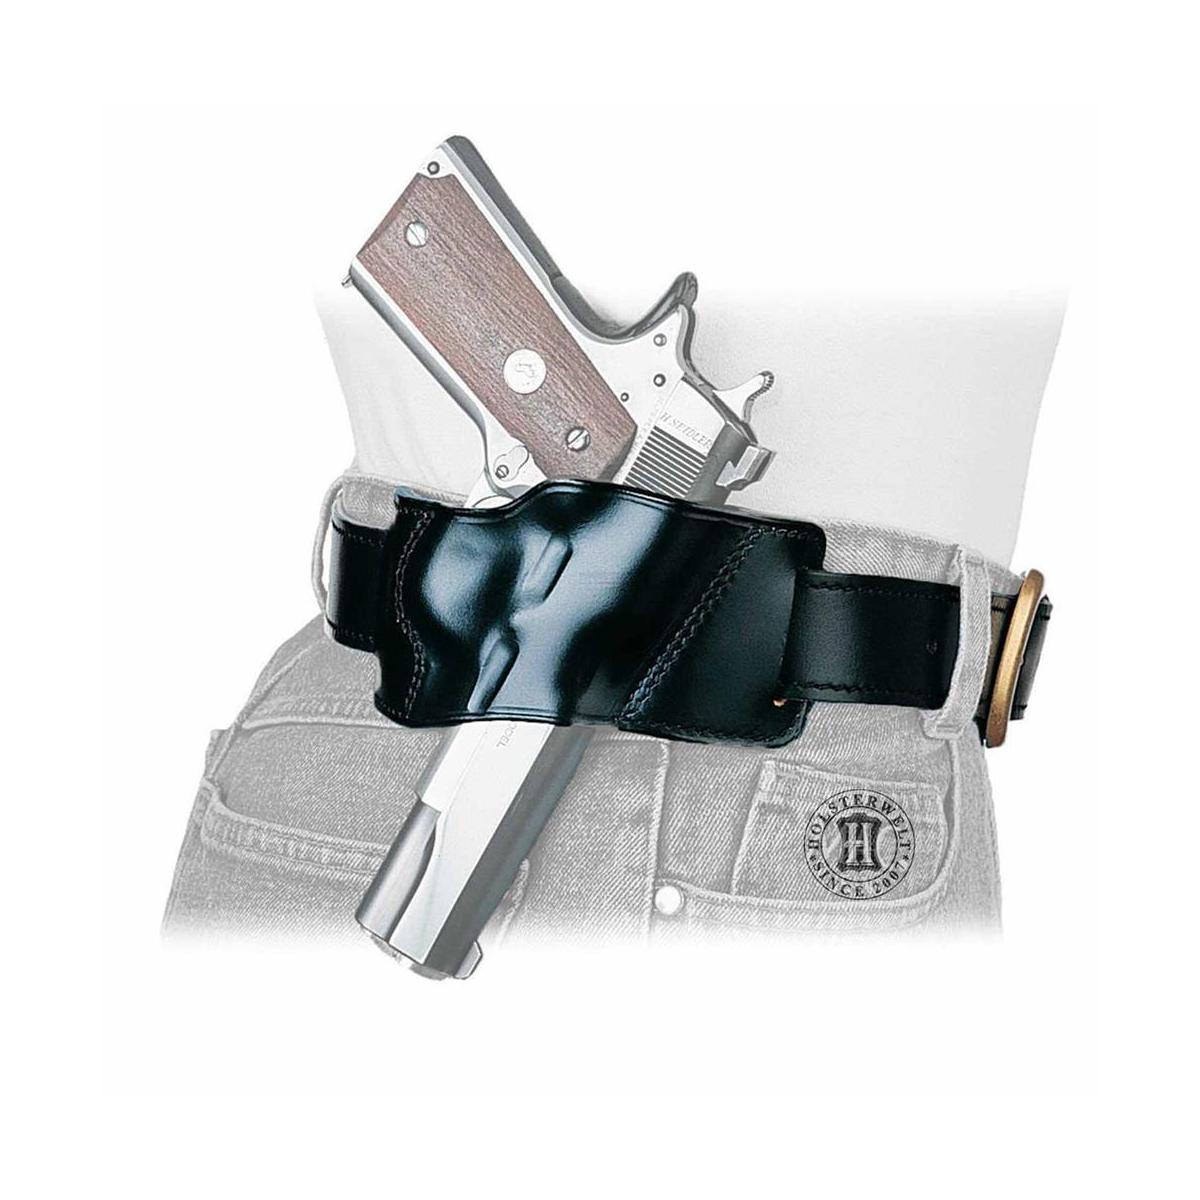 Schnellziehholster YAQUI Linkshänder Braun SIG SAUER P230